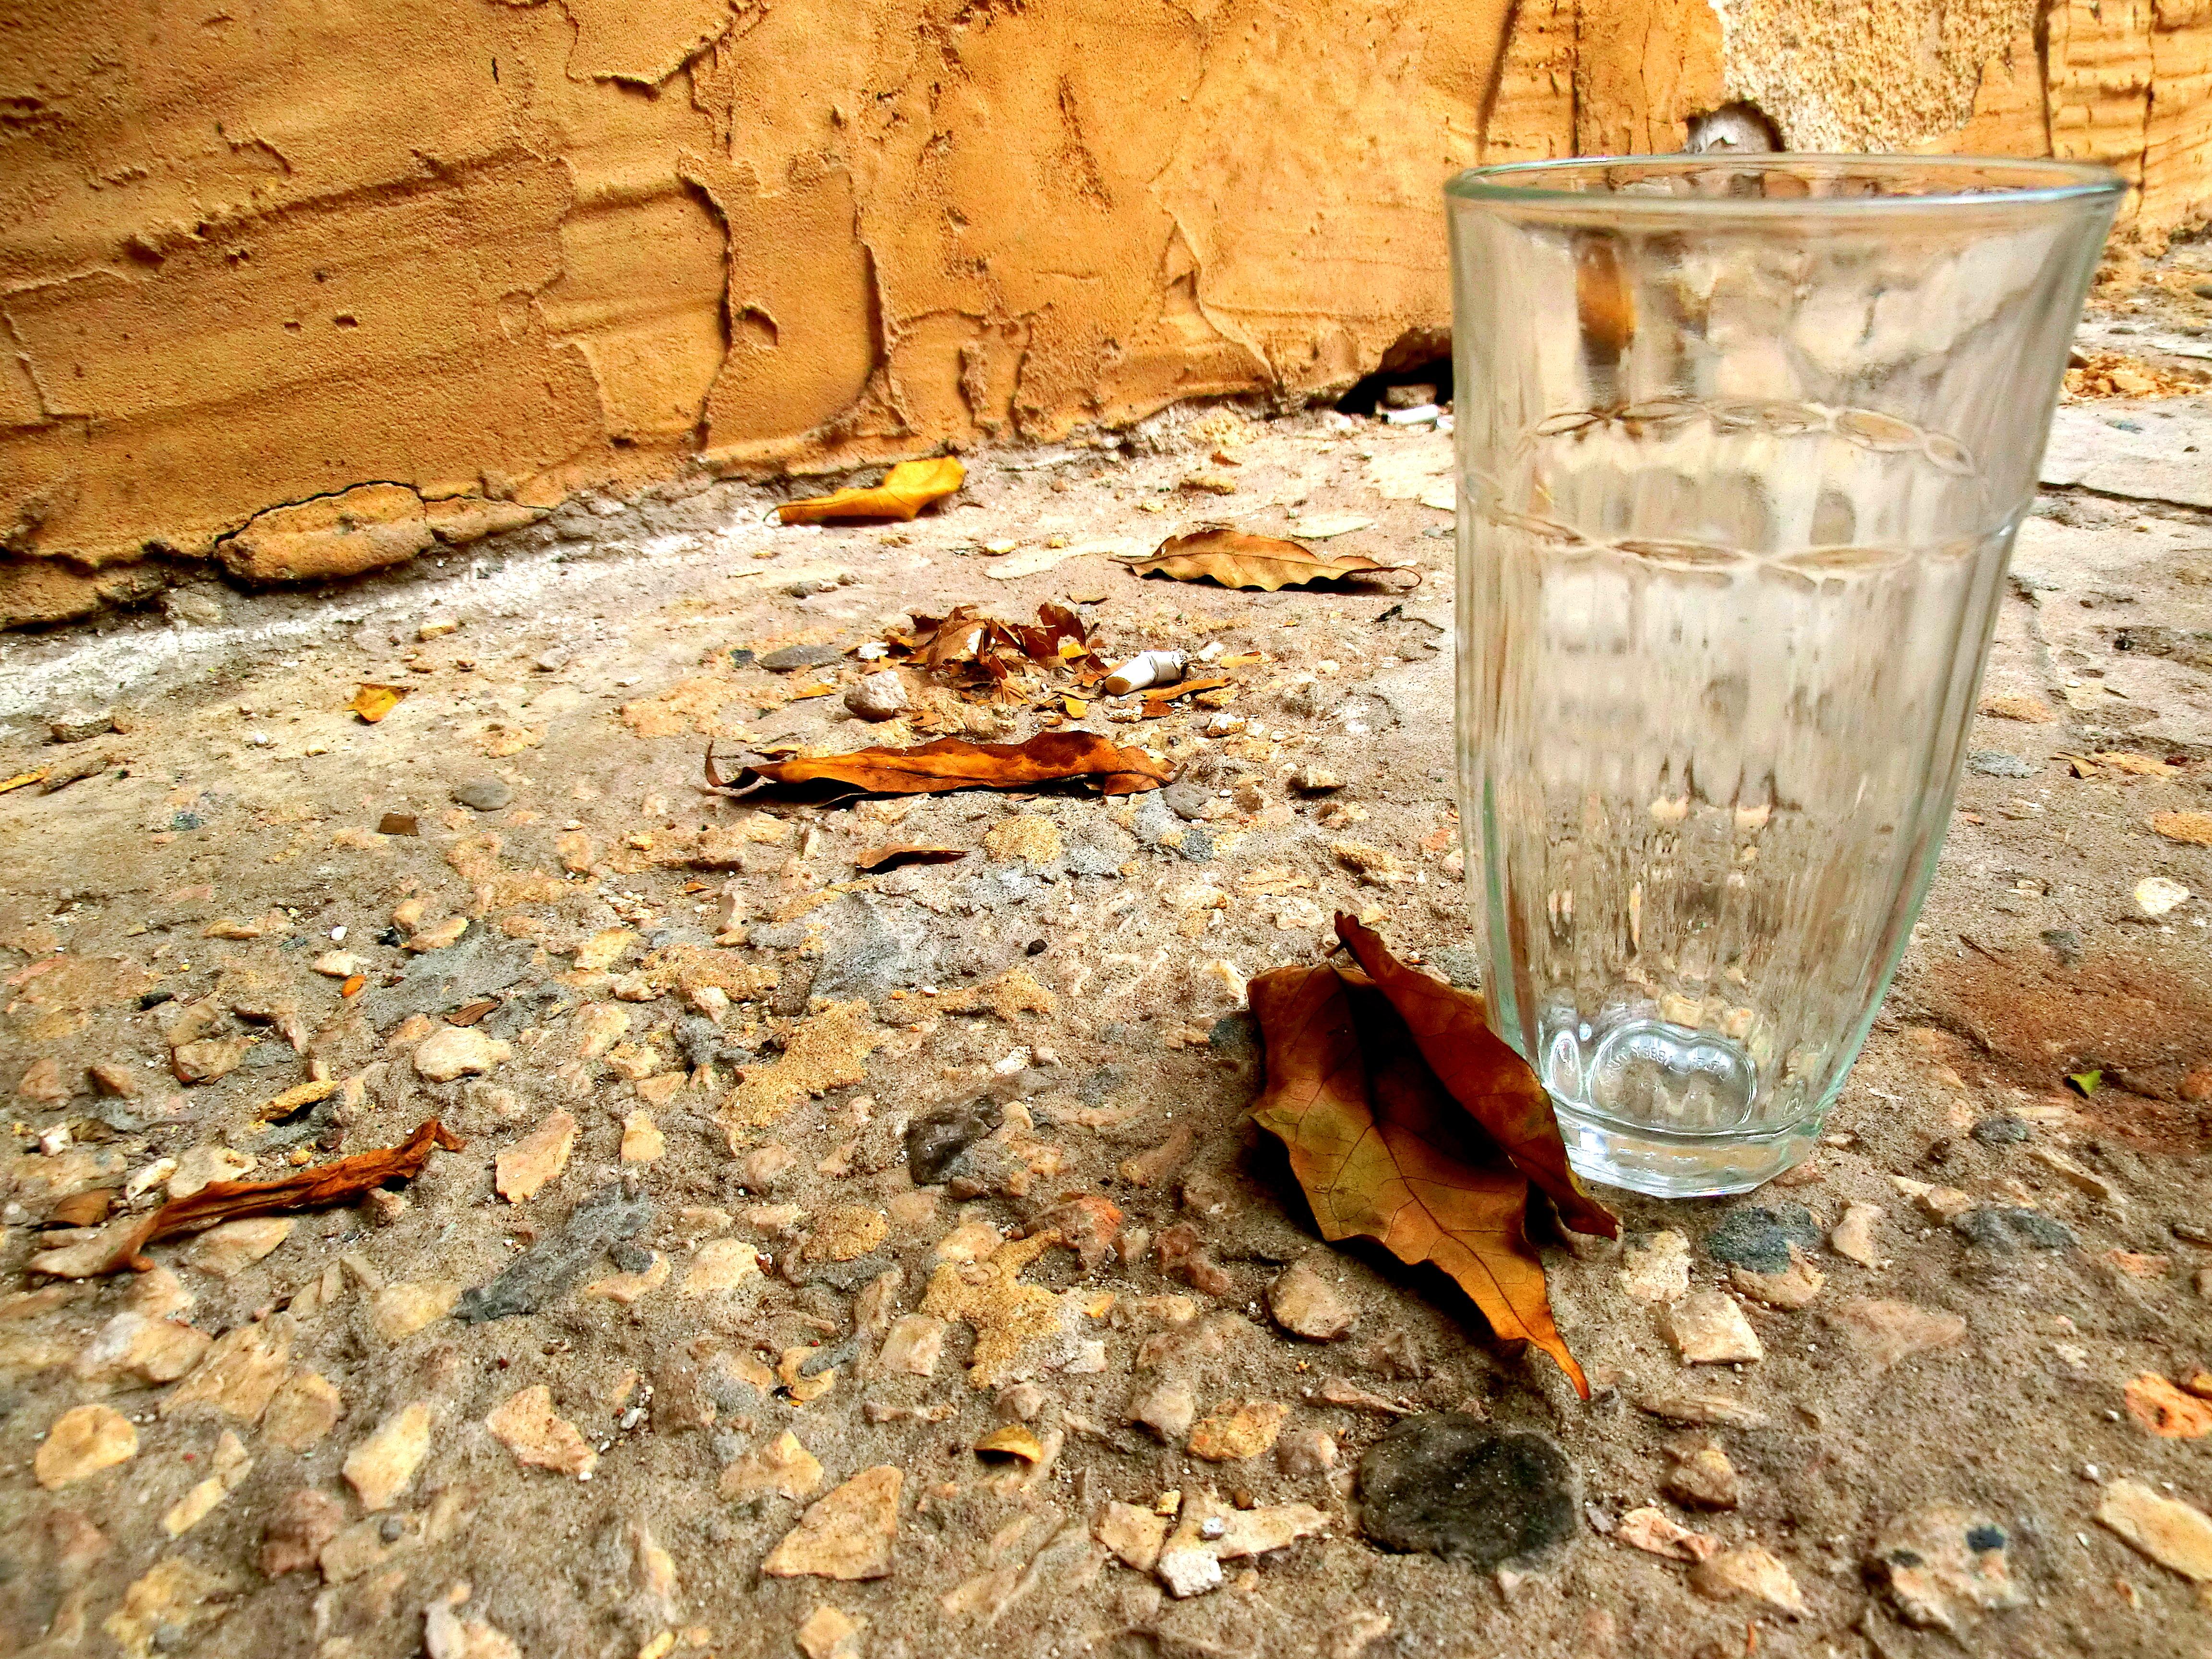 כוס זכוכית ועלים יבשים על בטון